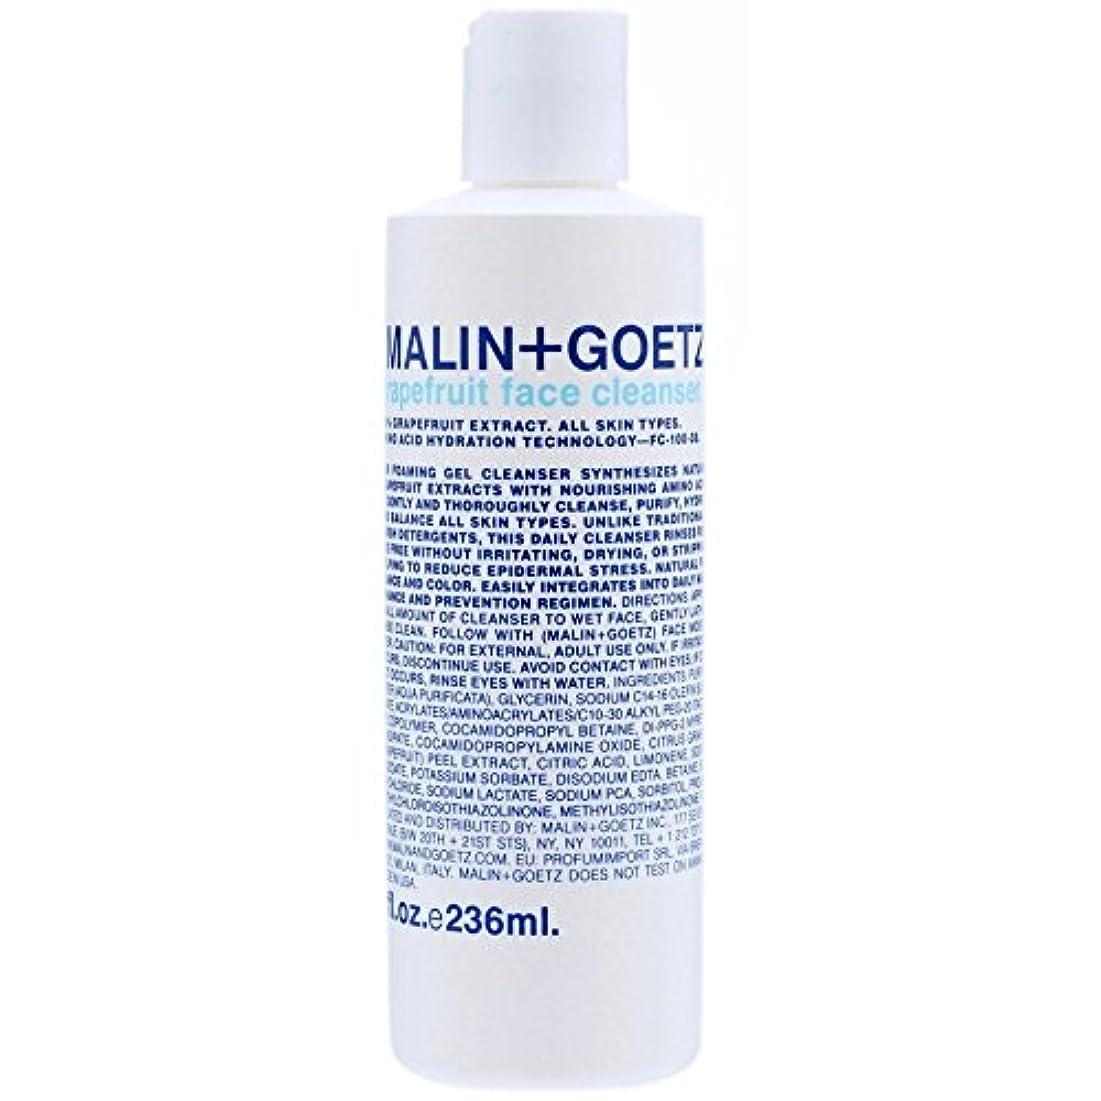 マナー関数だますマリン+ゲッツグレープフルーツフェイスクレンザー x4 - MALIN+GOETZ Grapefruit Face Cleanser (Pack of 4) [並行輸入品]